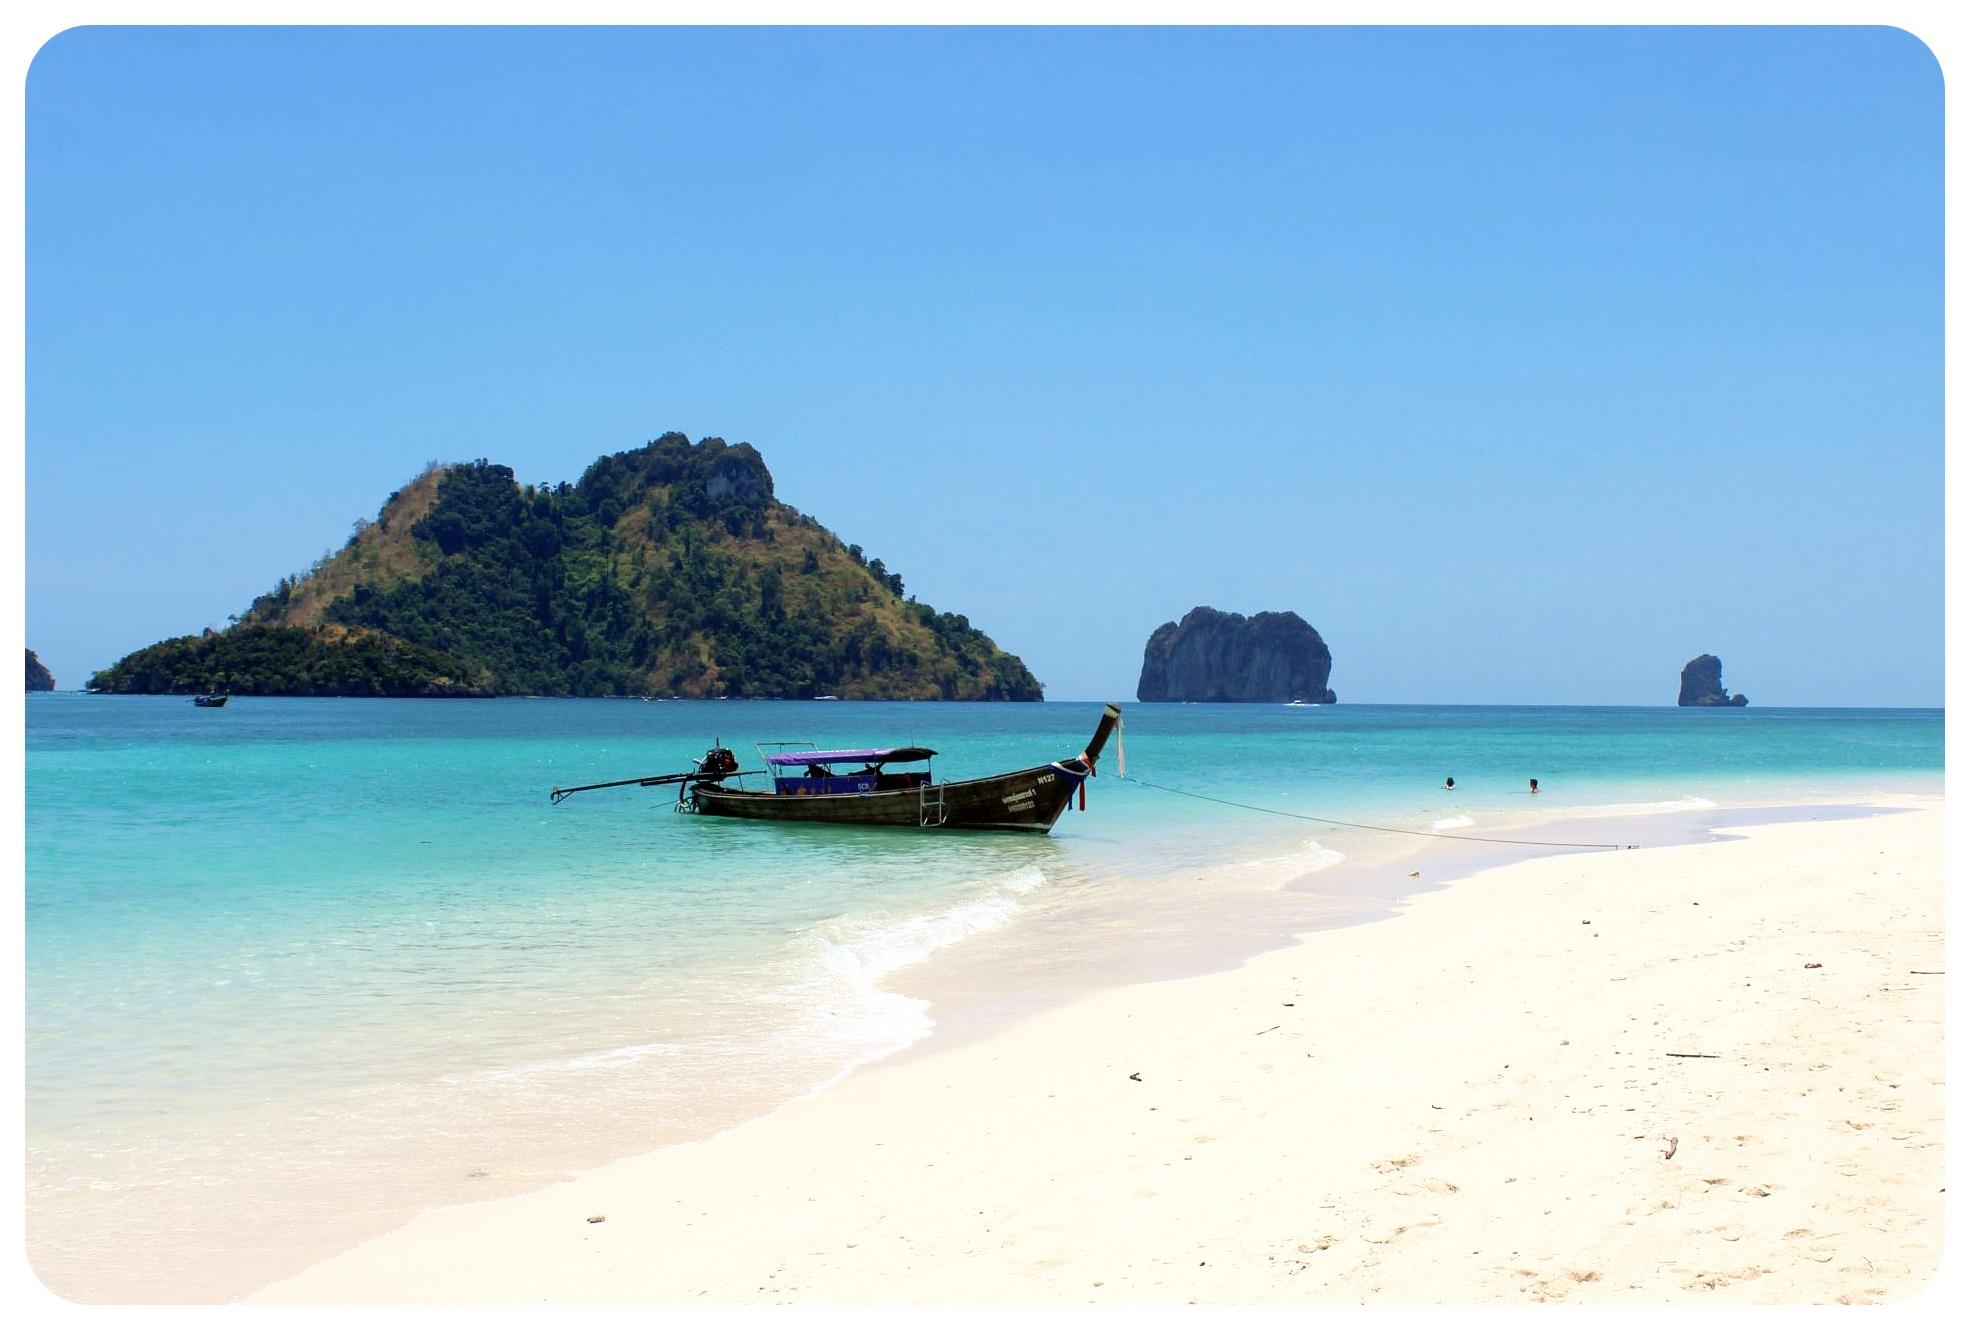 koh poda boat thailand